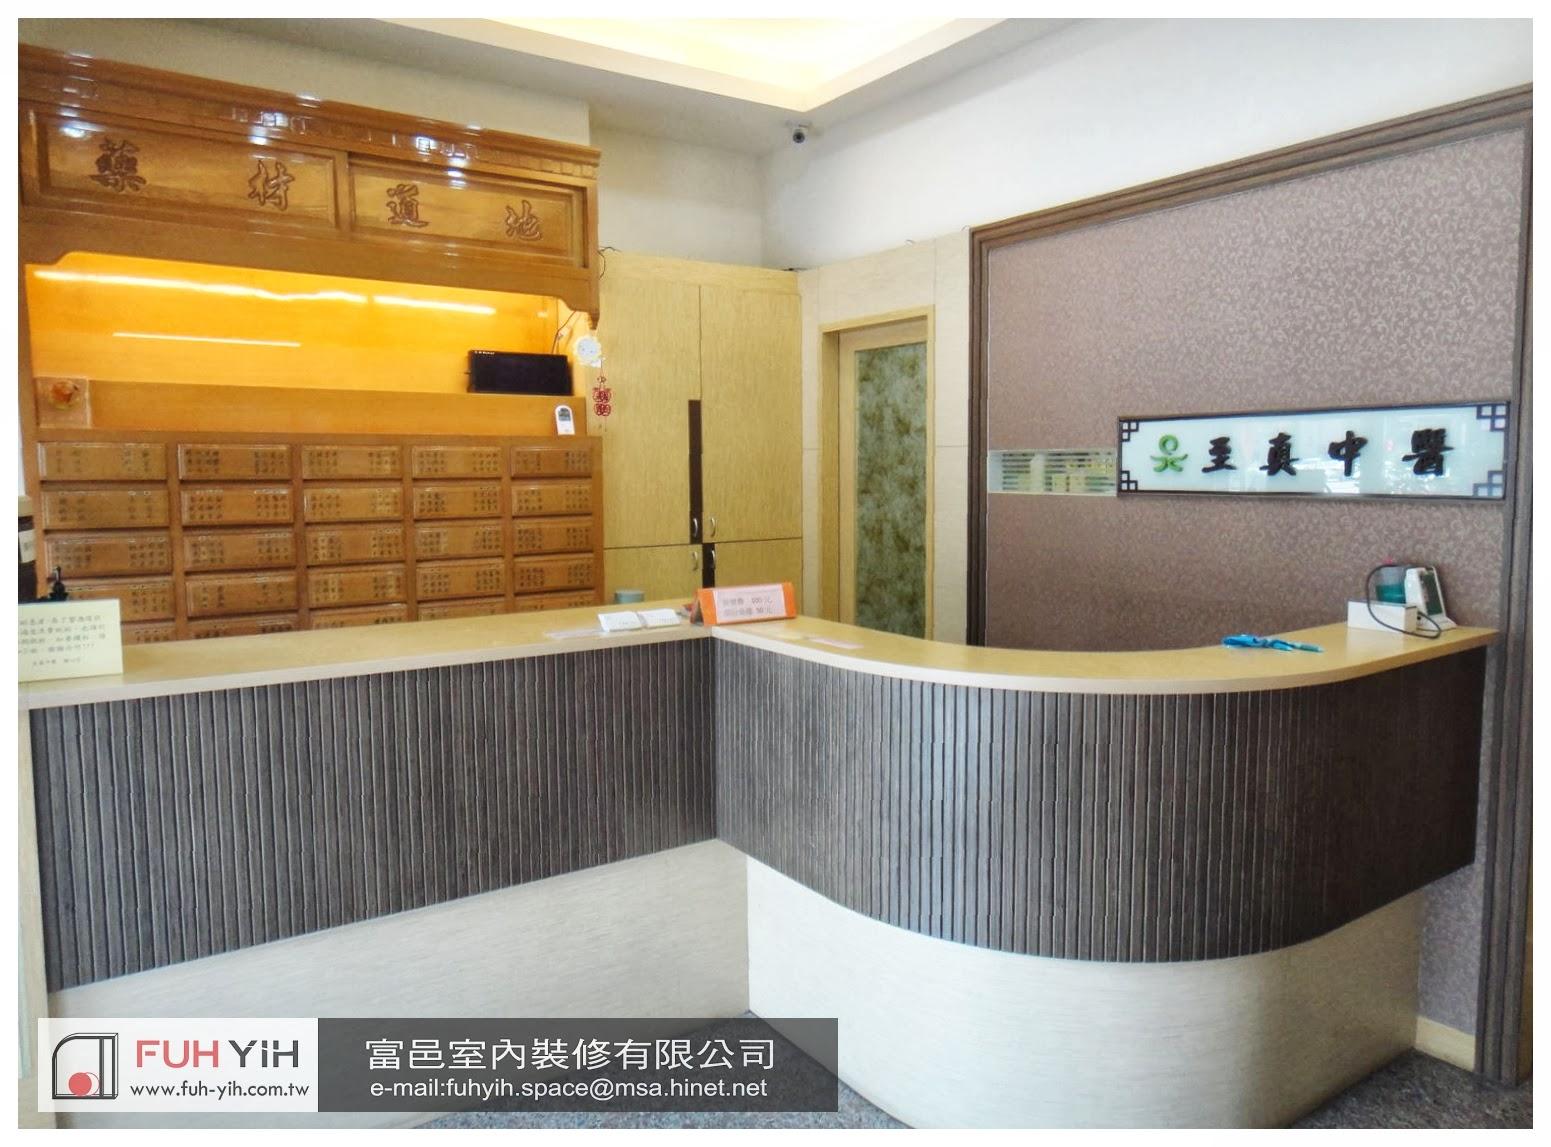 富邑室內裝修有限公司: 醫療空間設計 / 文心南路中醫診所